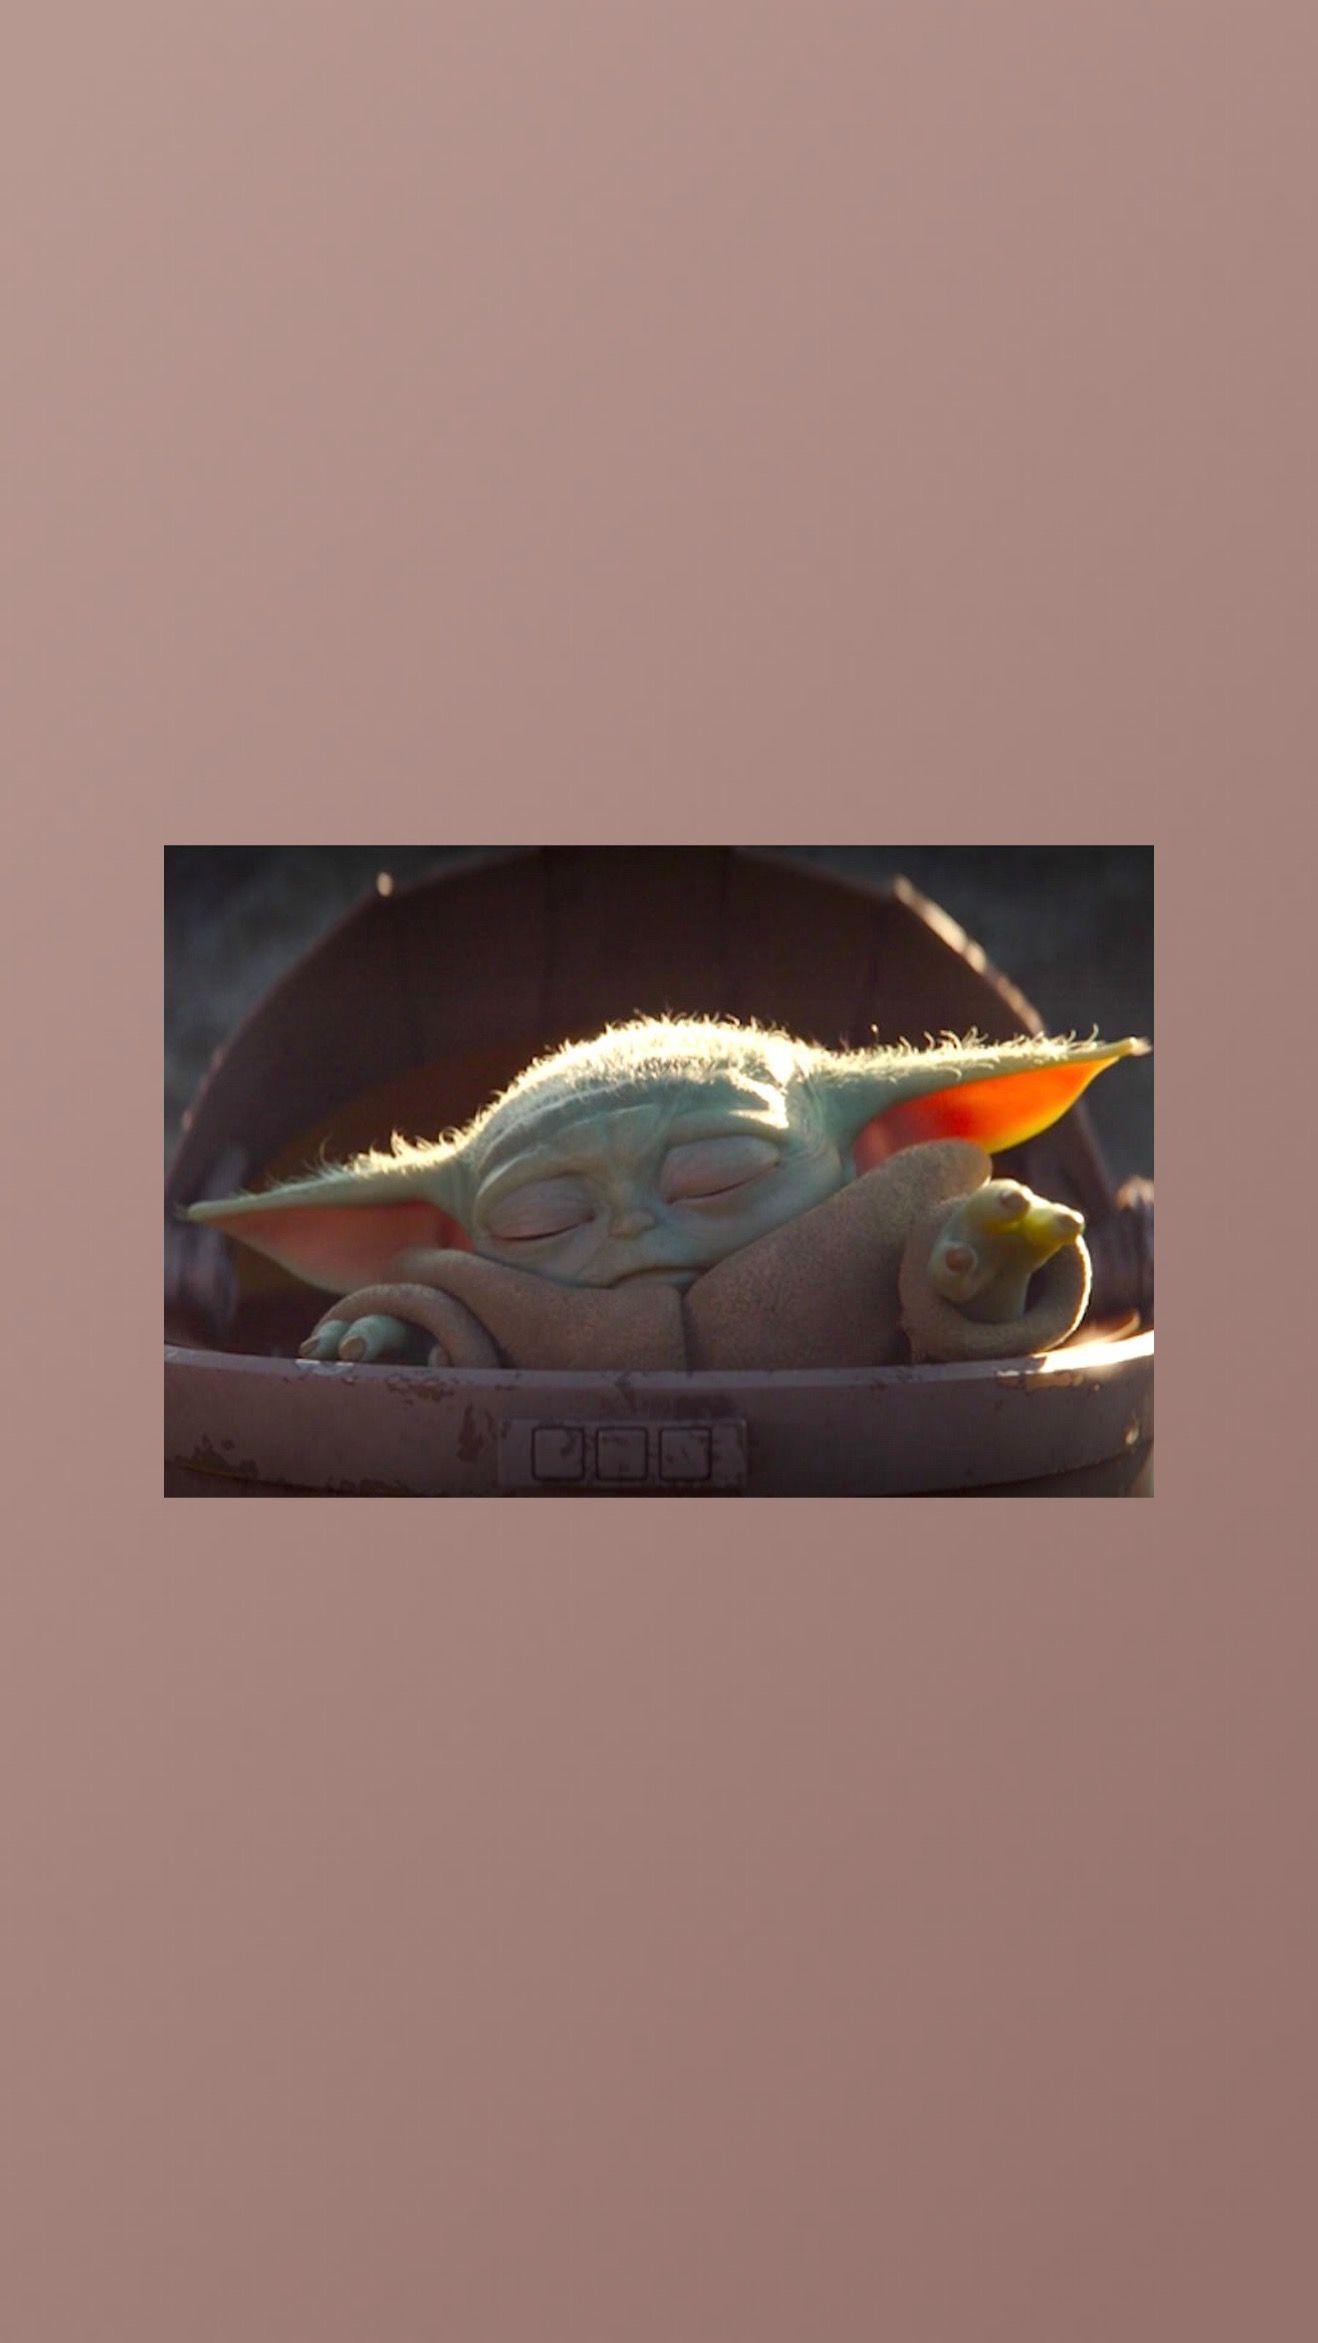 Baby Yoda�